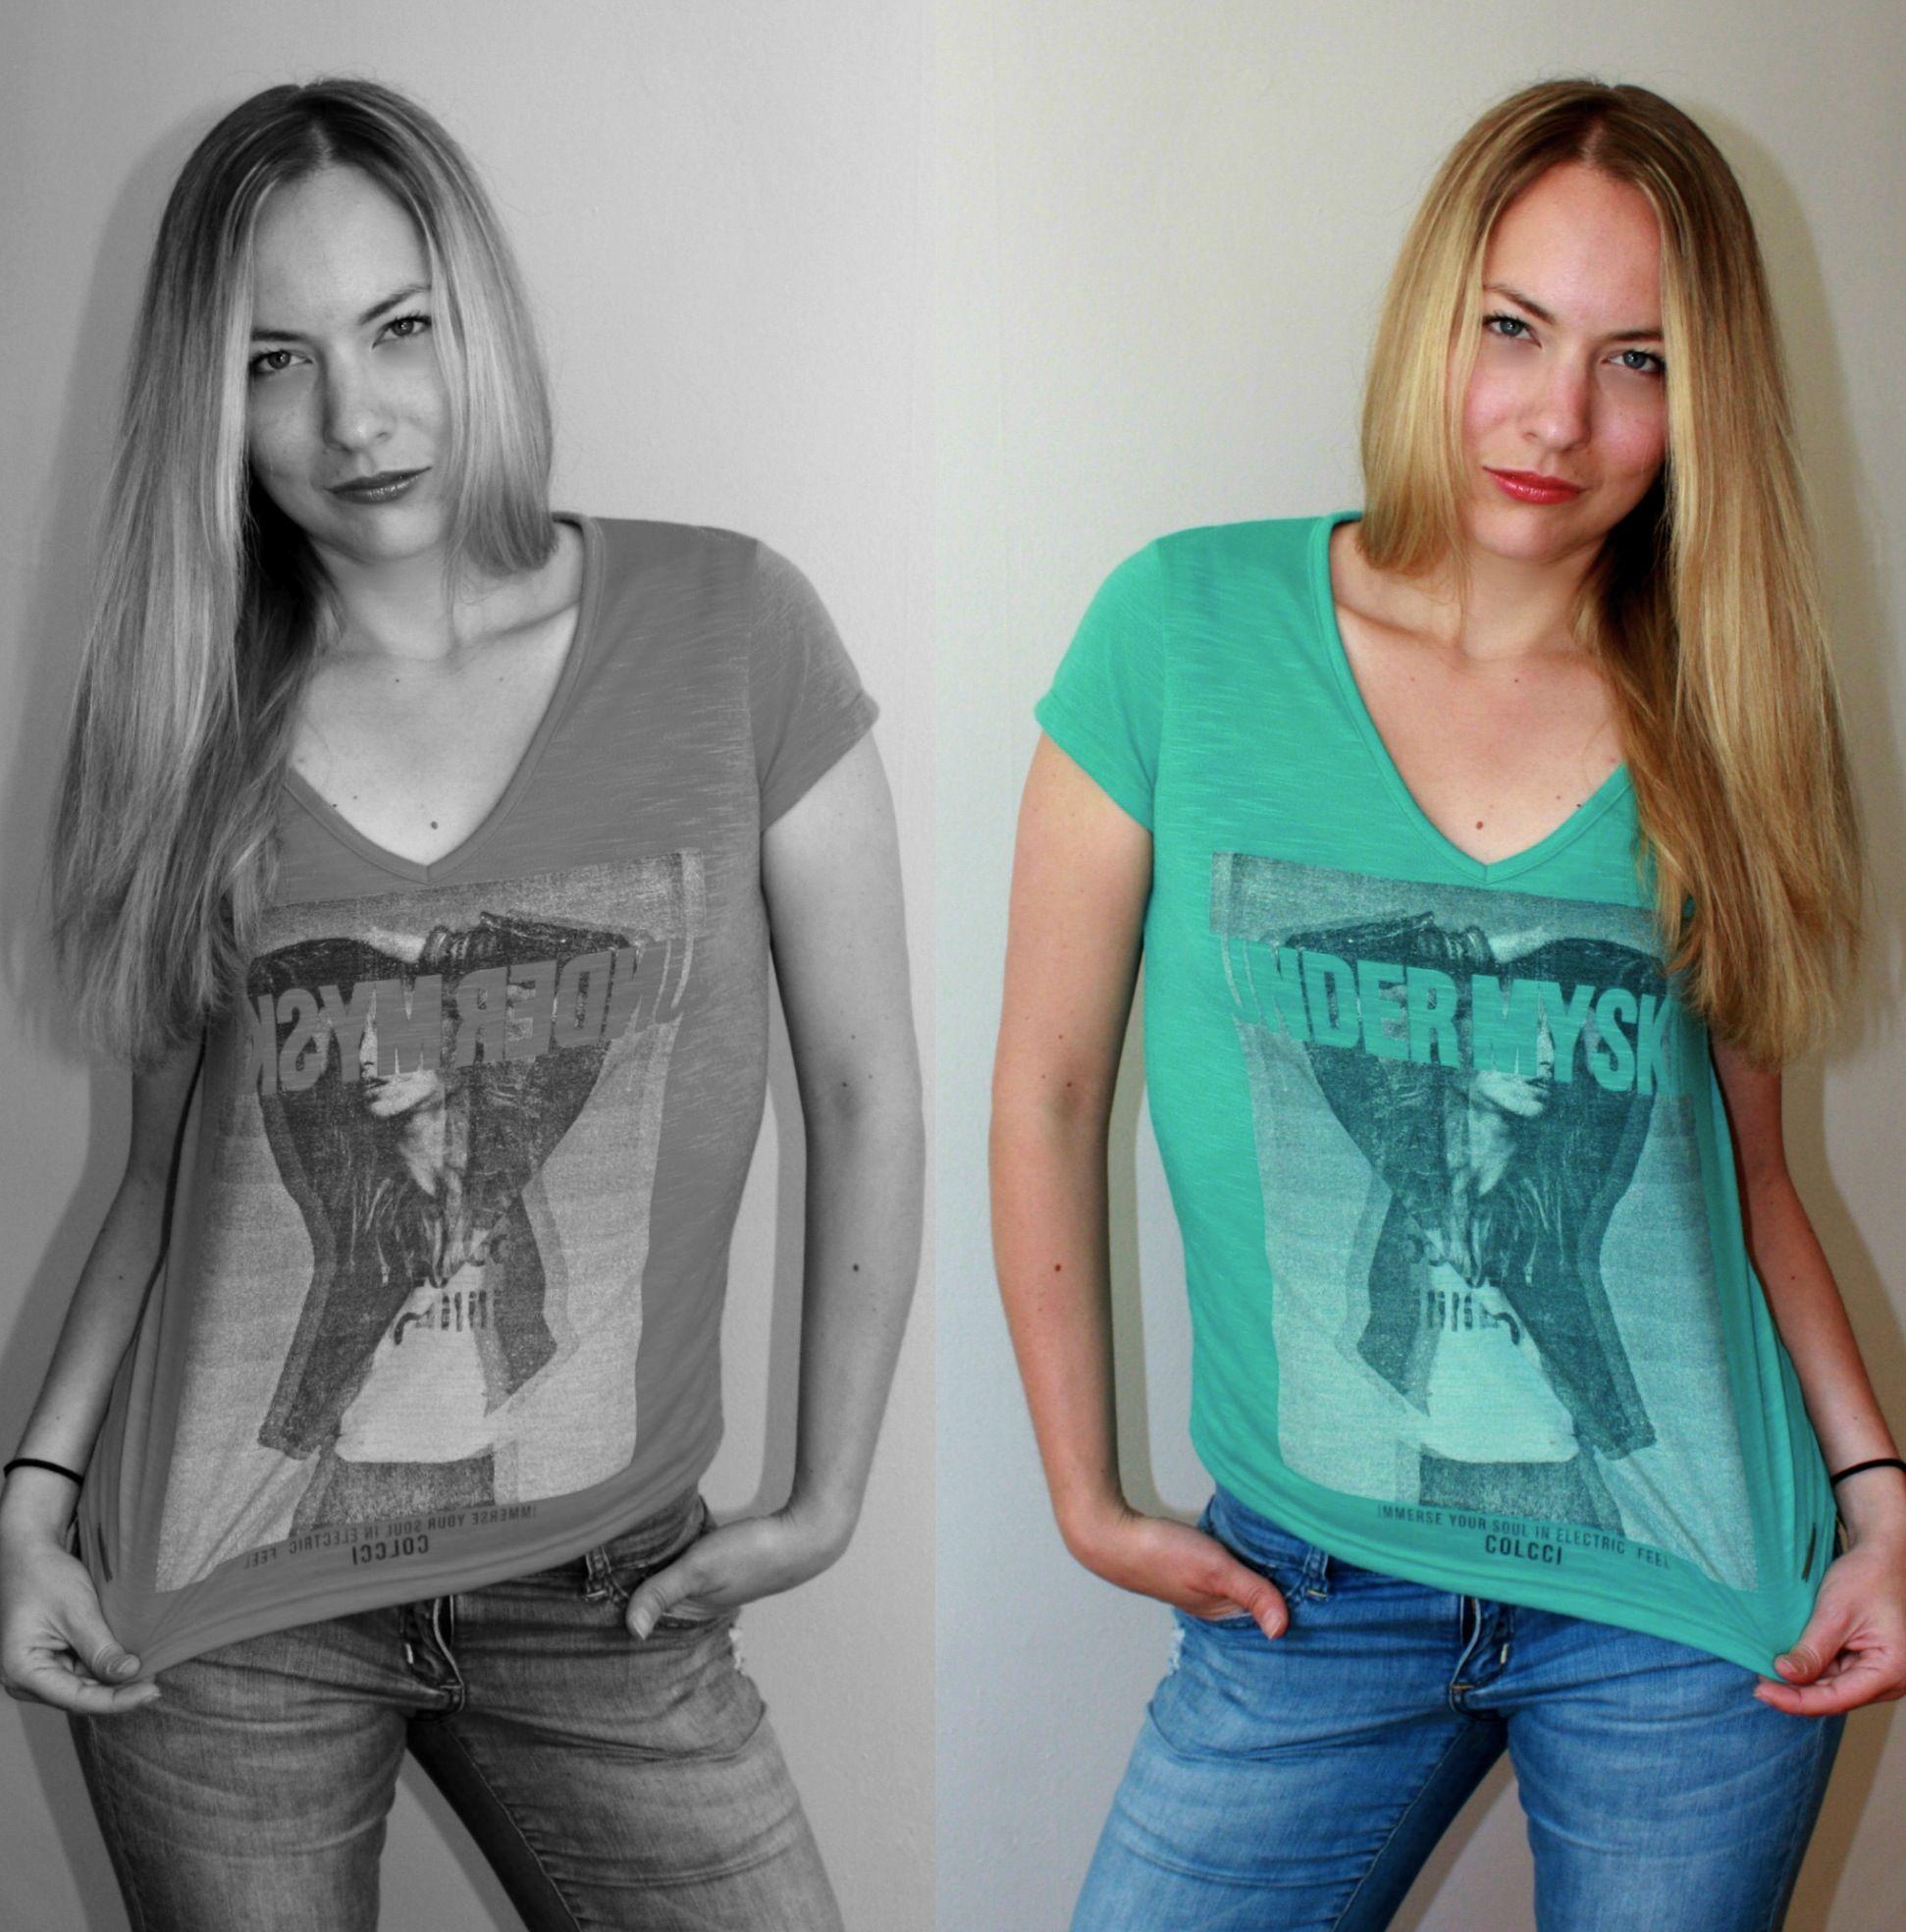 Pour assouvir notre petit côté rebelle...  T-Shirt Colcci Taille/size: M-Médium; 16$